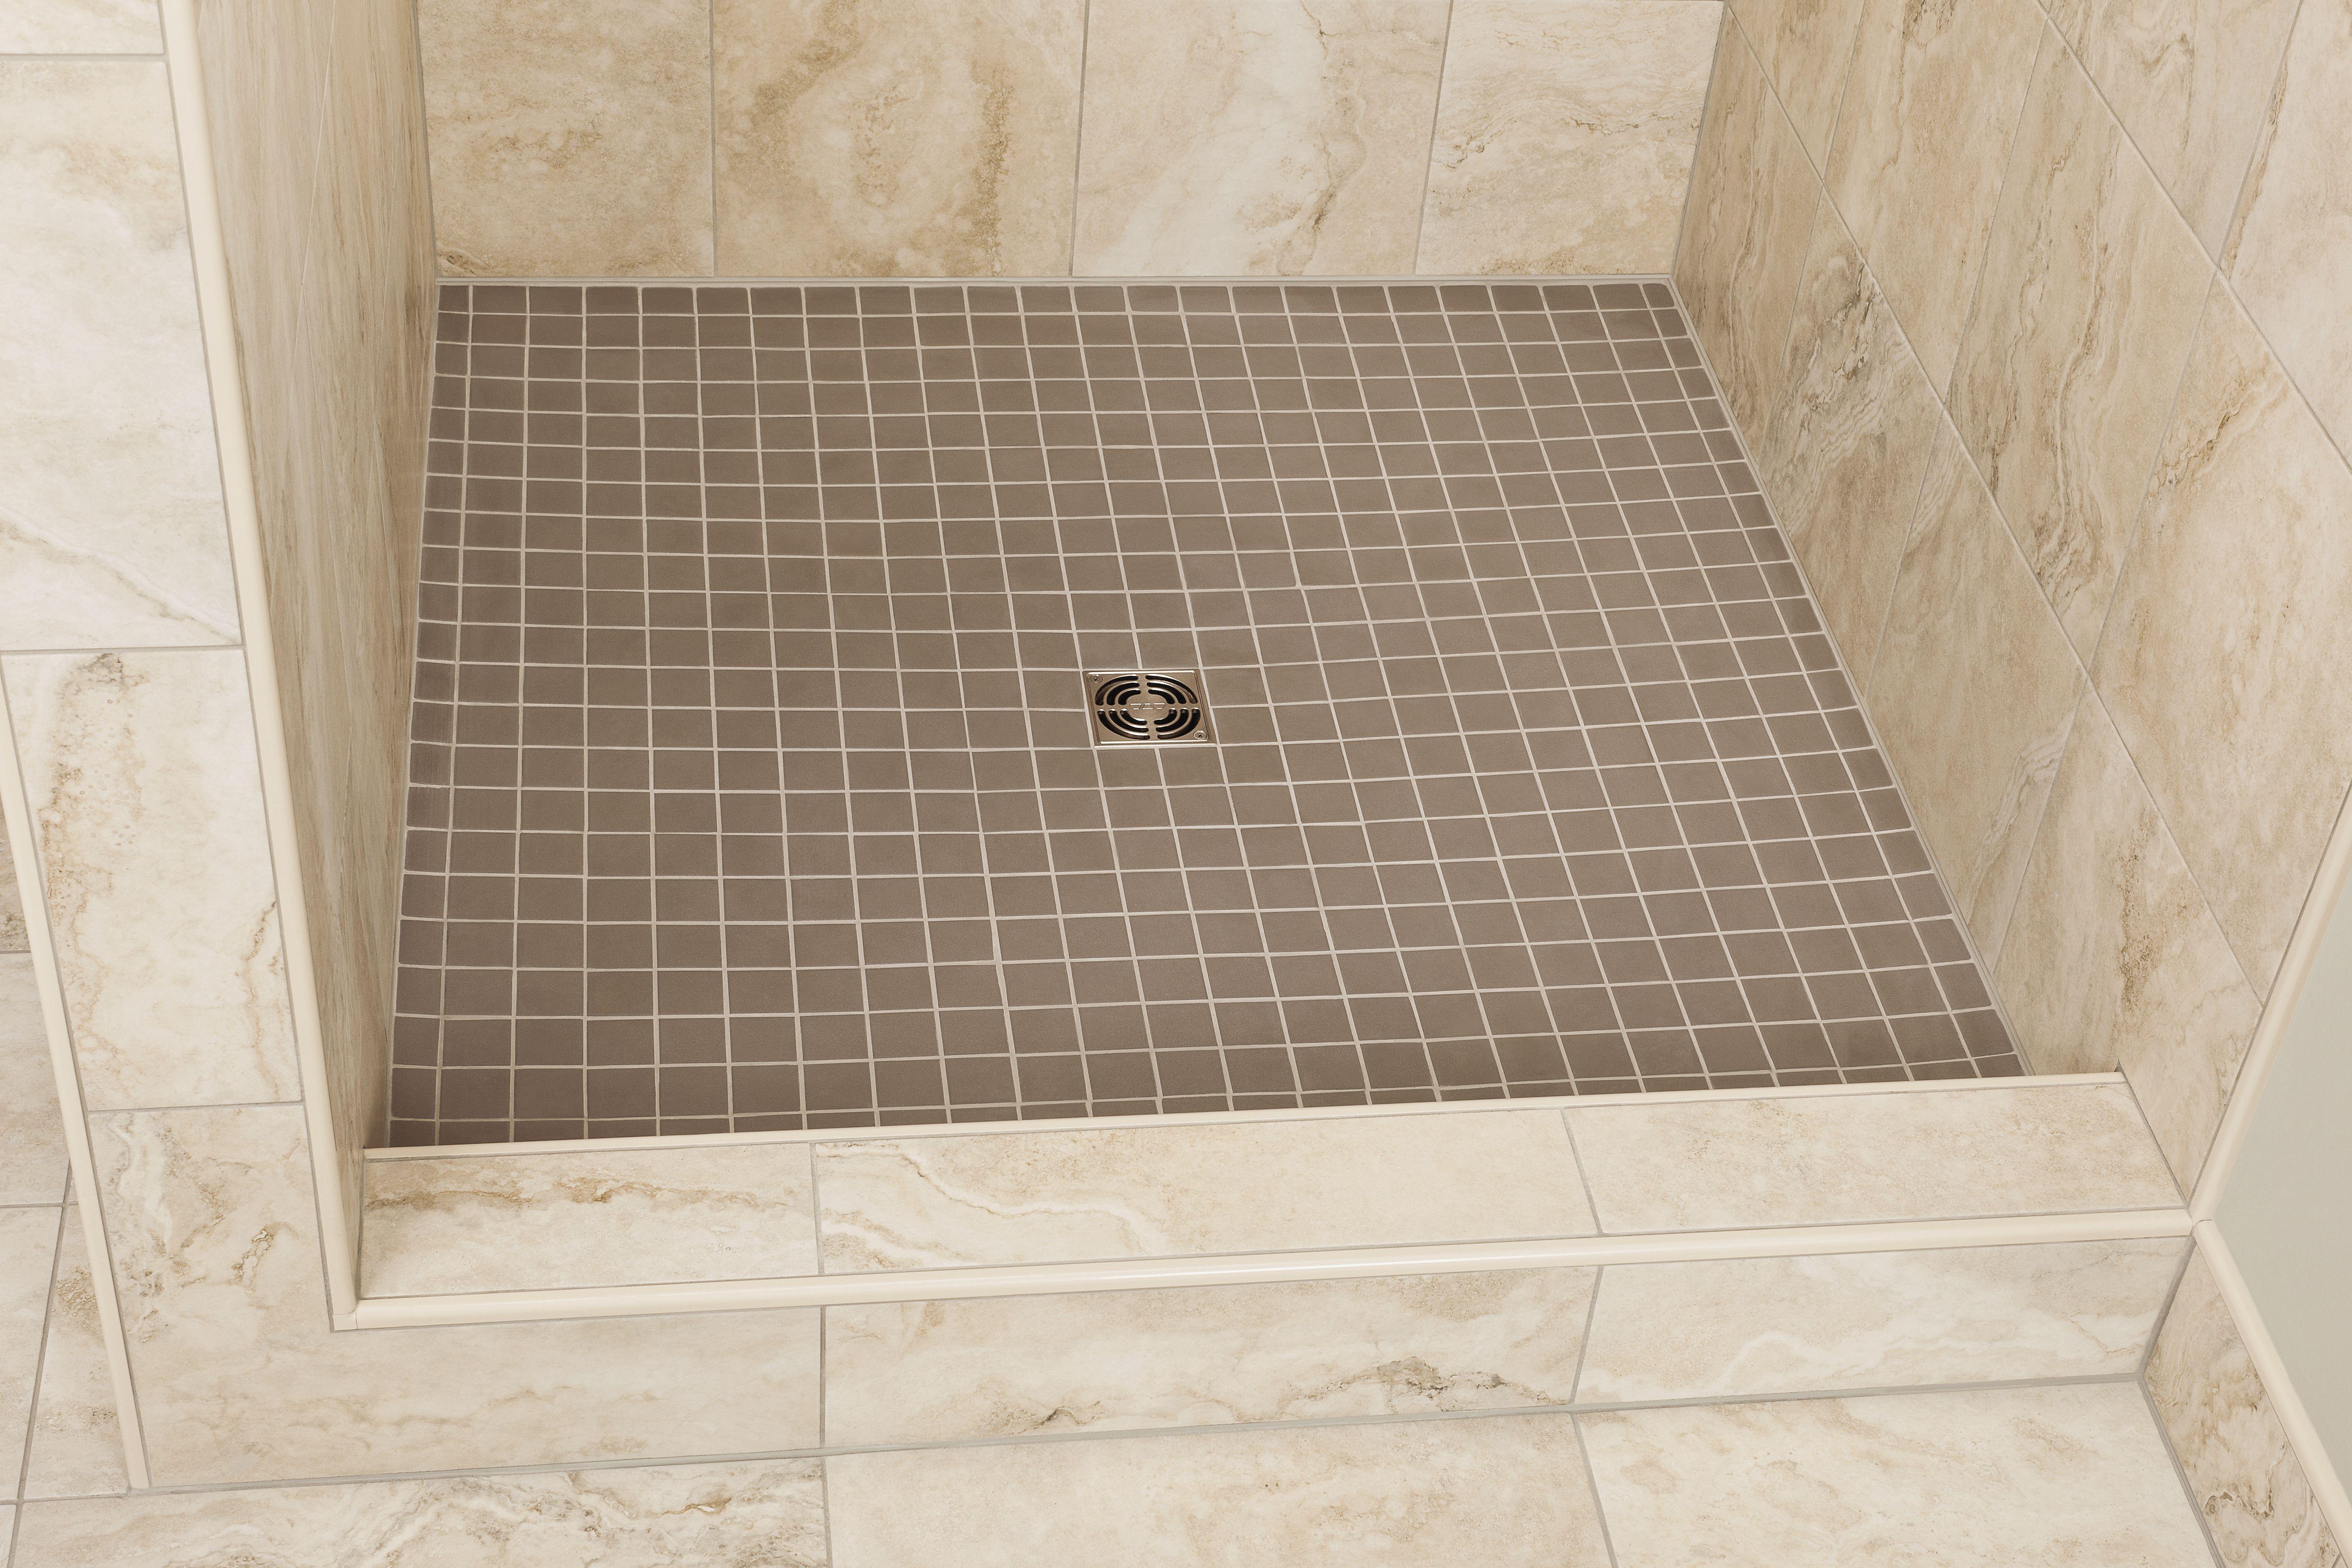 Pebble floor tiles shower